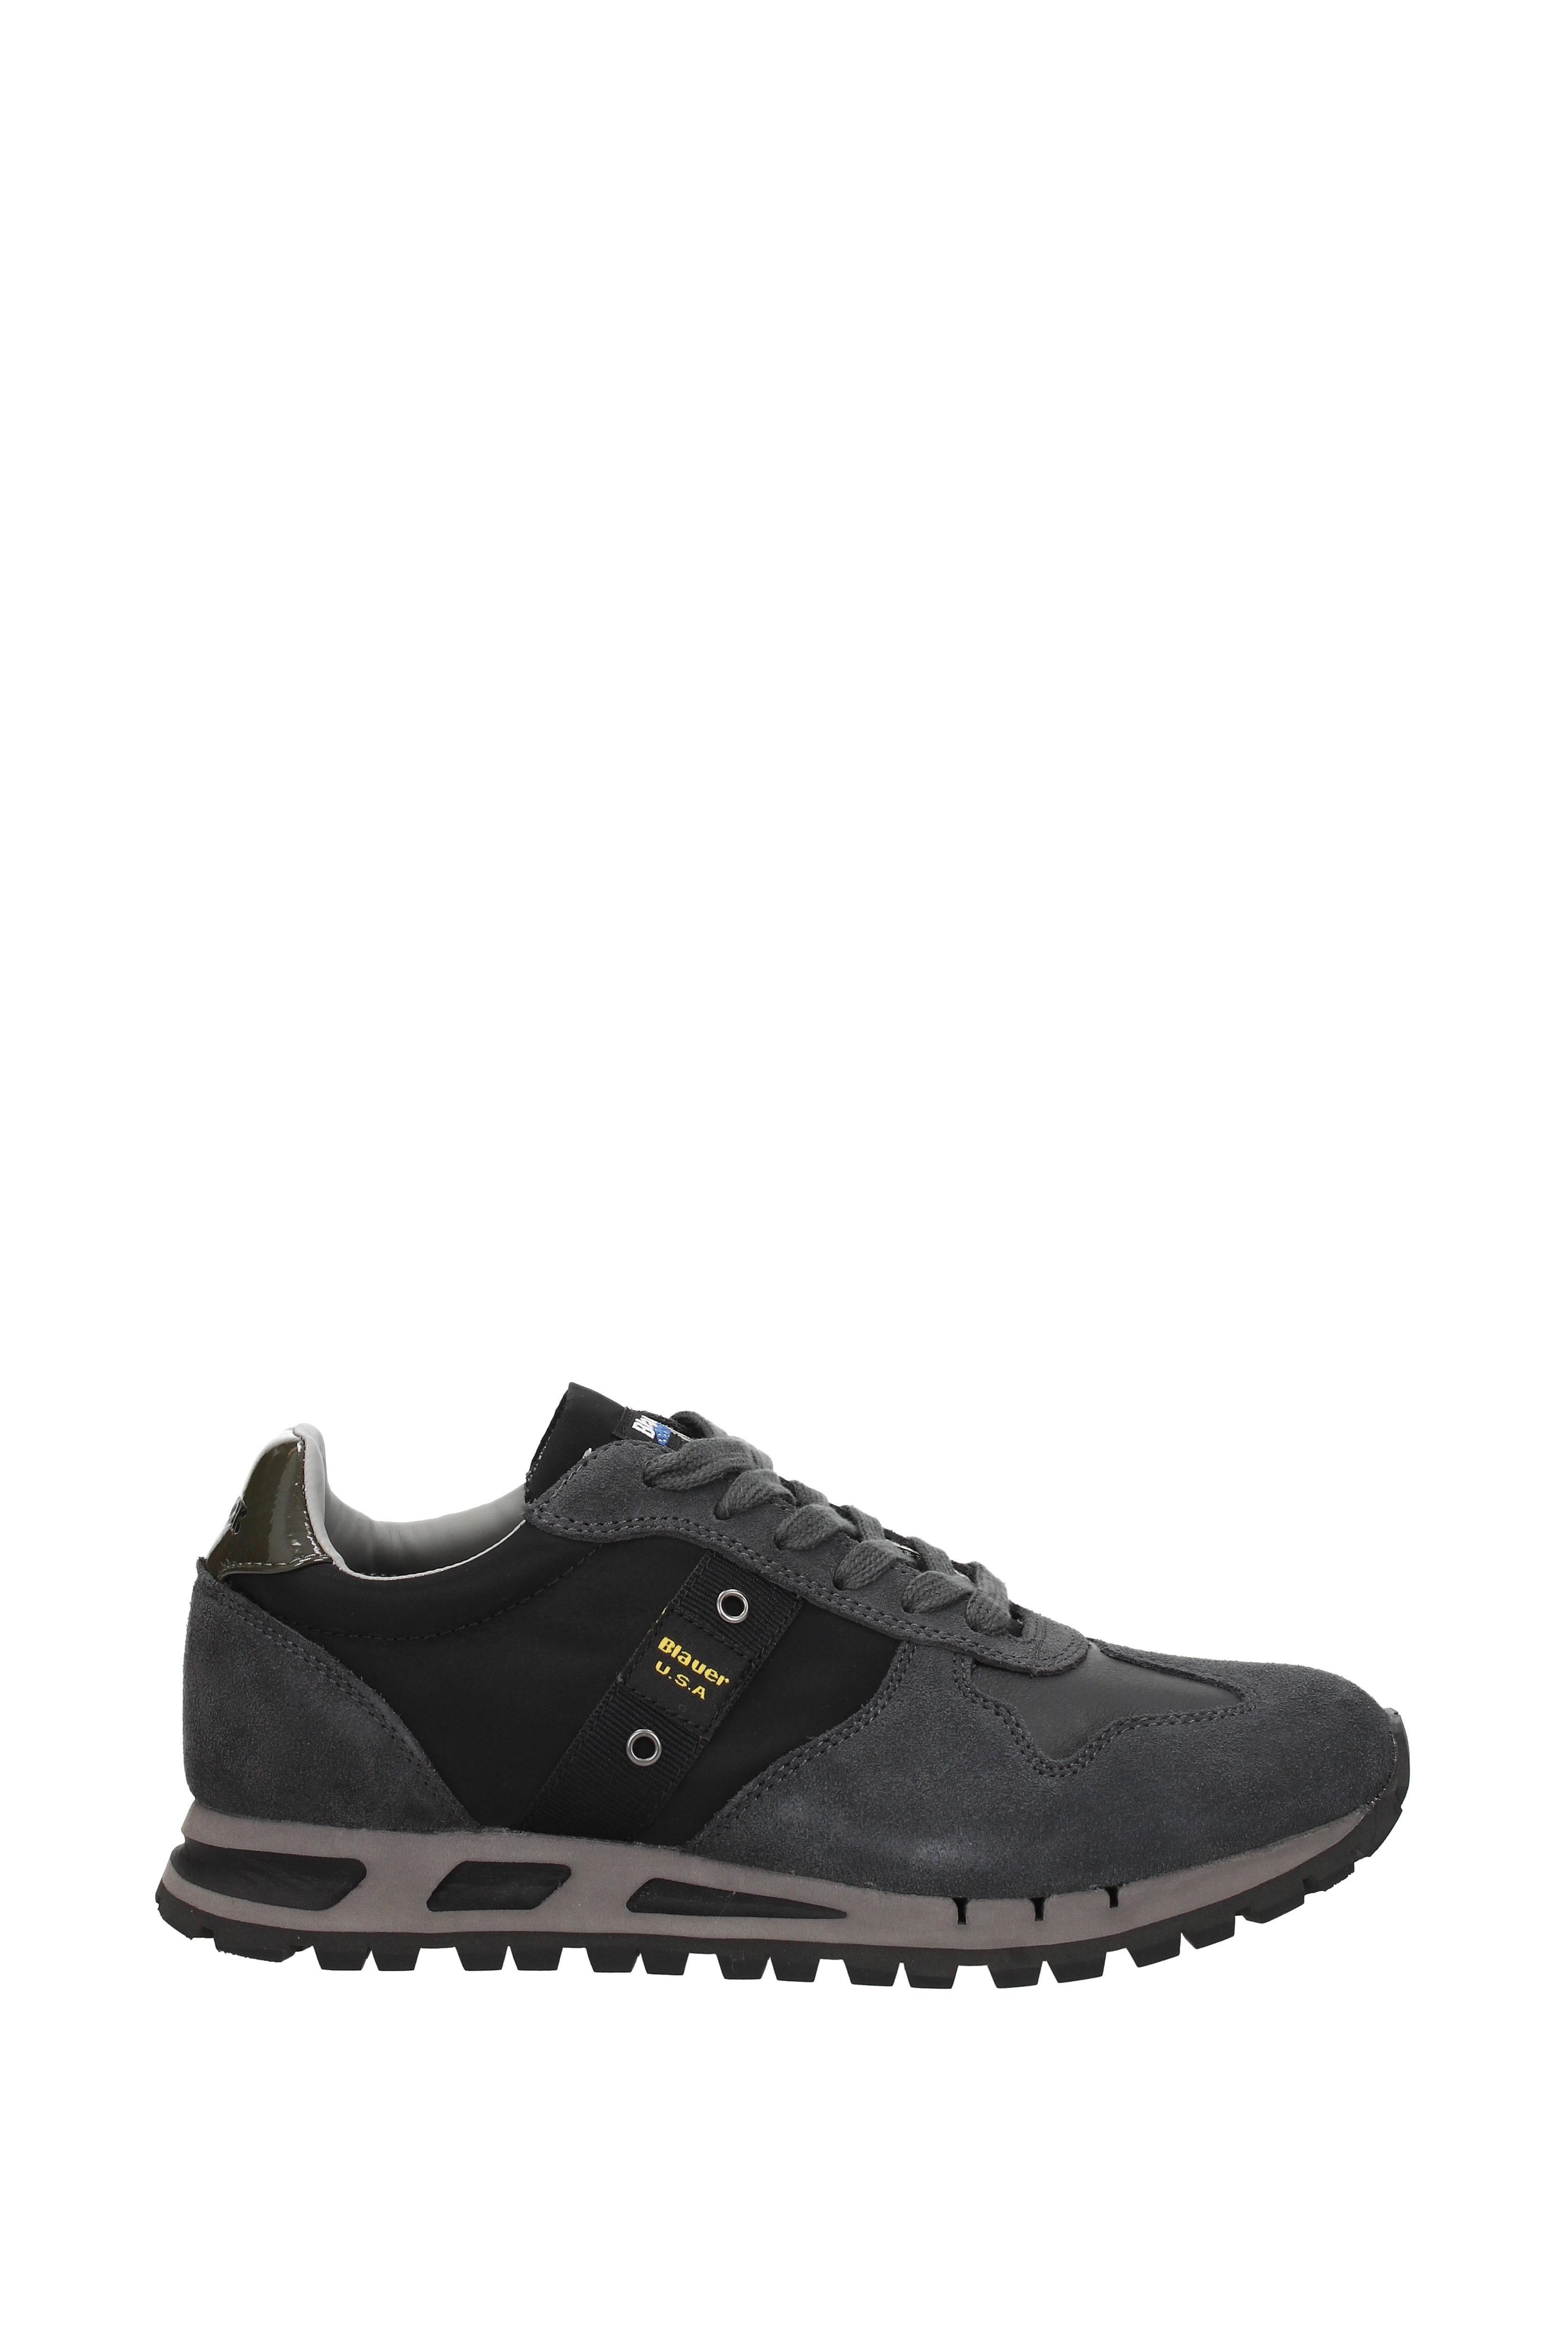 Sneakers Wildleder Blauer mustang Herren - Wildleder Sneakers (8FMUSTANG01TAS) f291b6